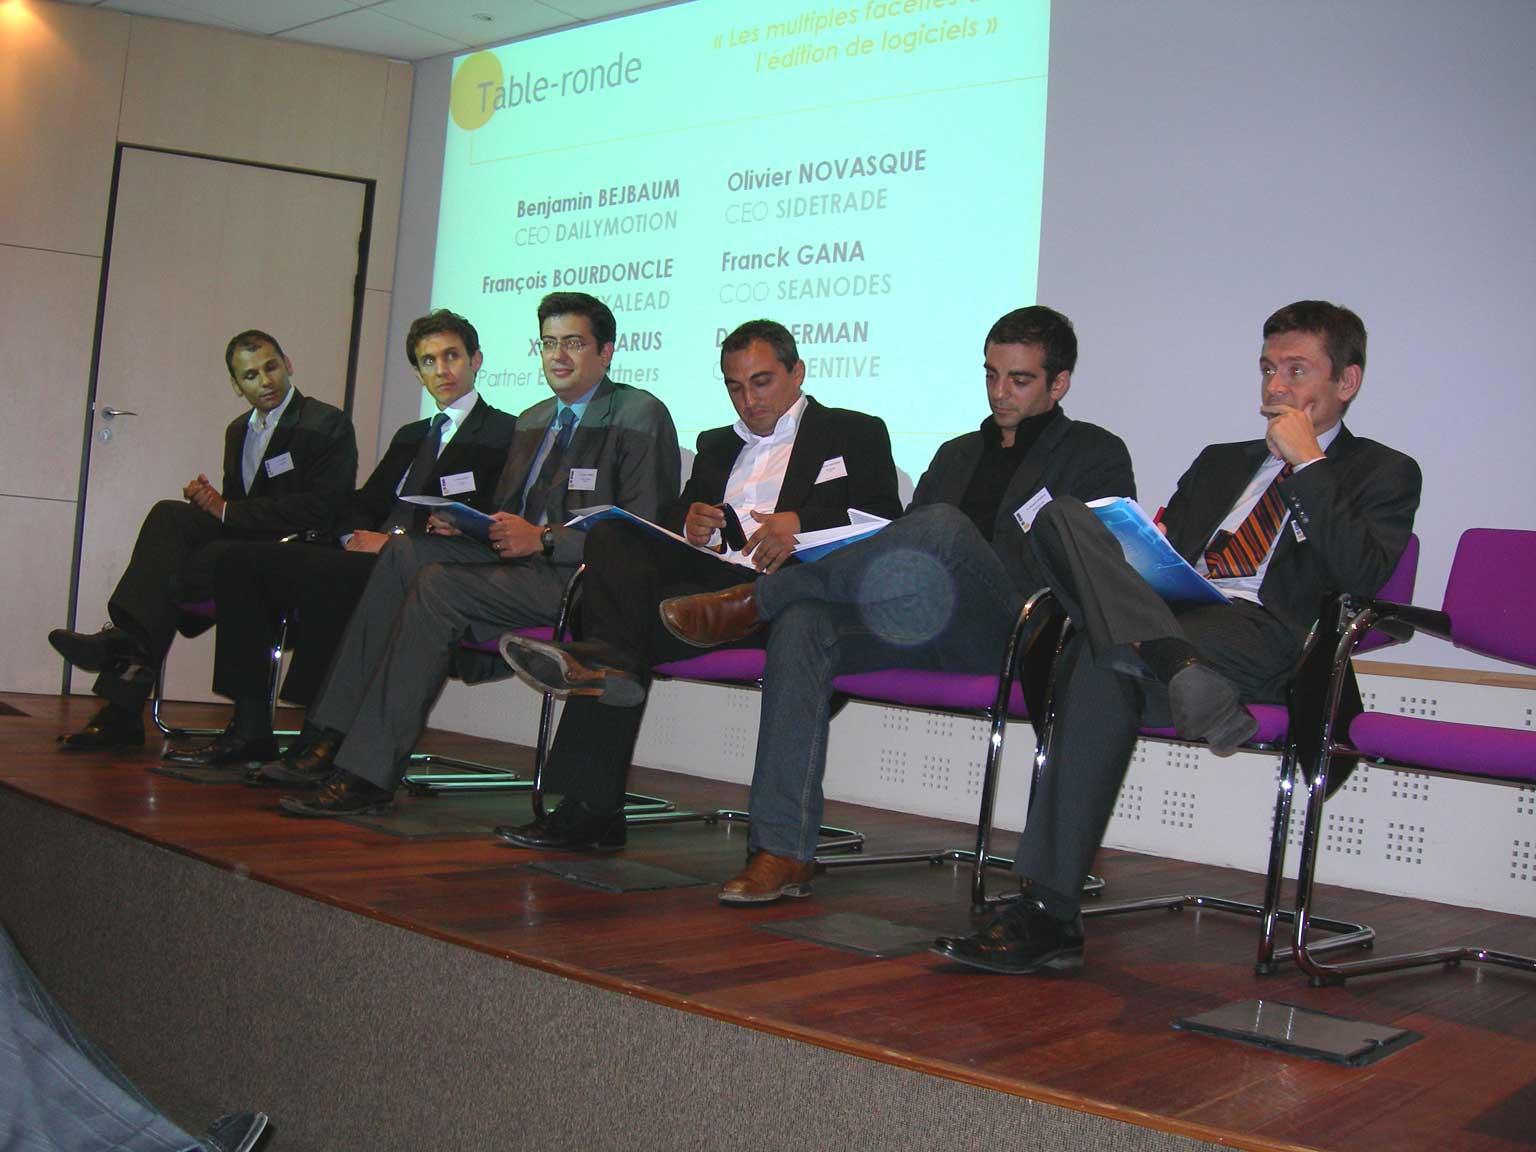 La table ronde, photo récupérée sur le site de l'IE Club